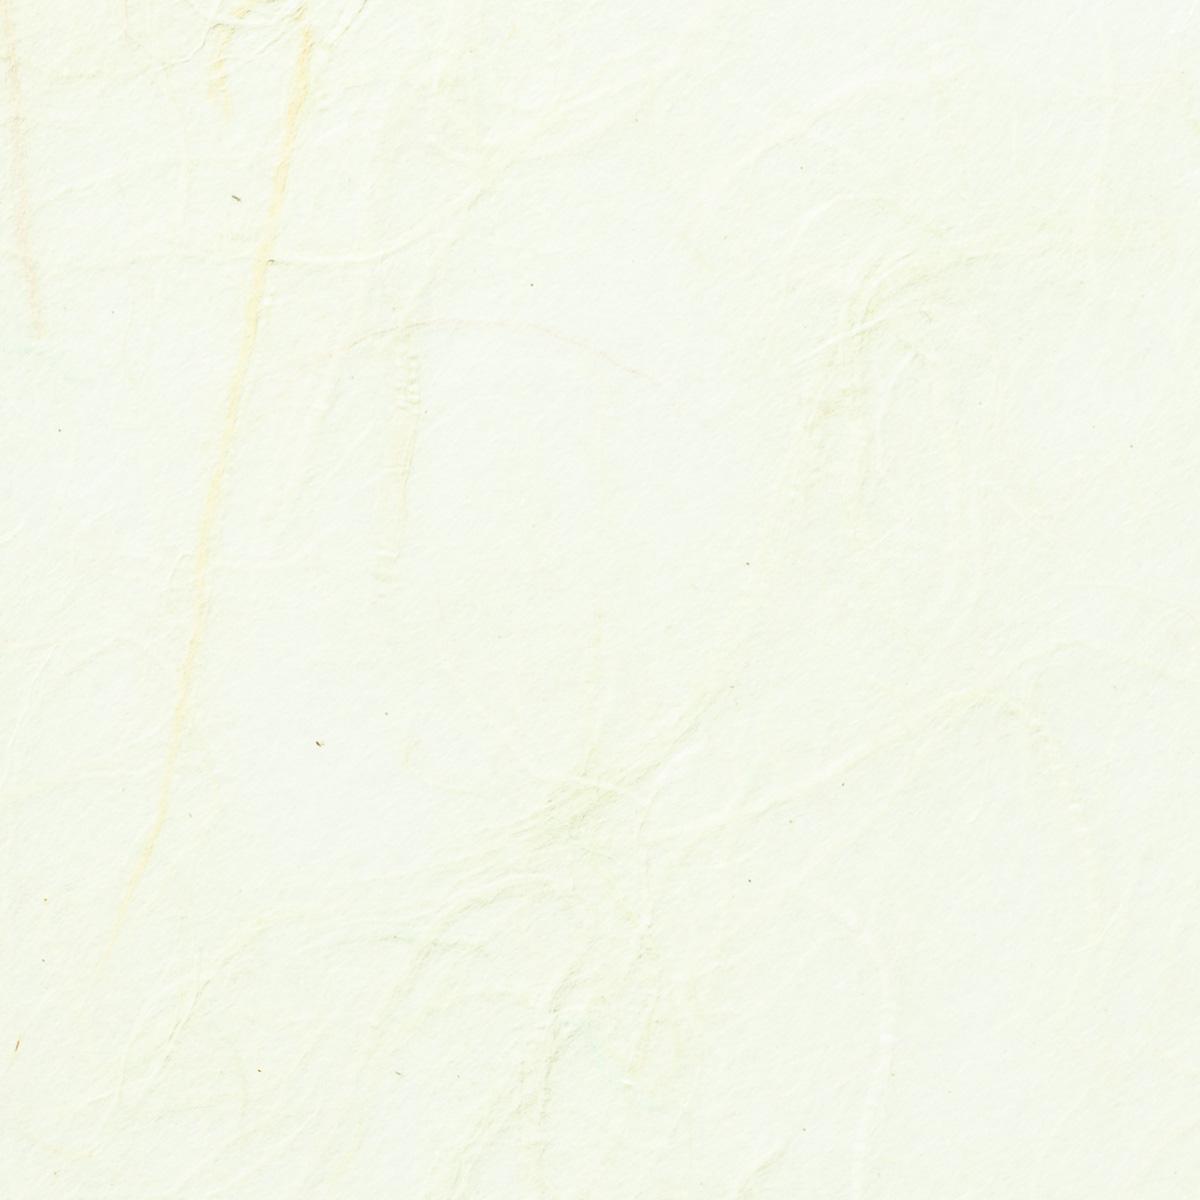 黒谷 雲龍紙 薄口 6匁 薄黄緑